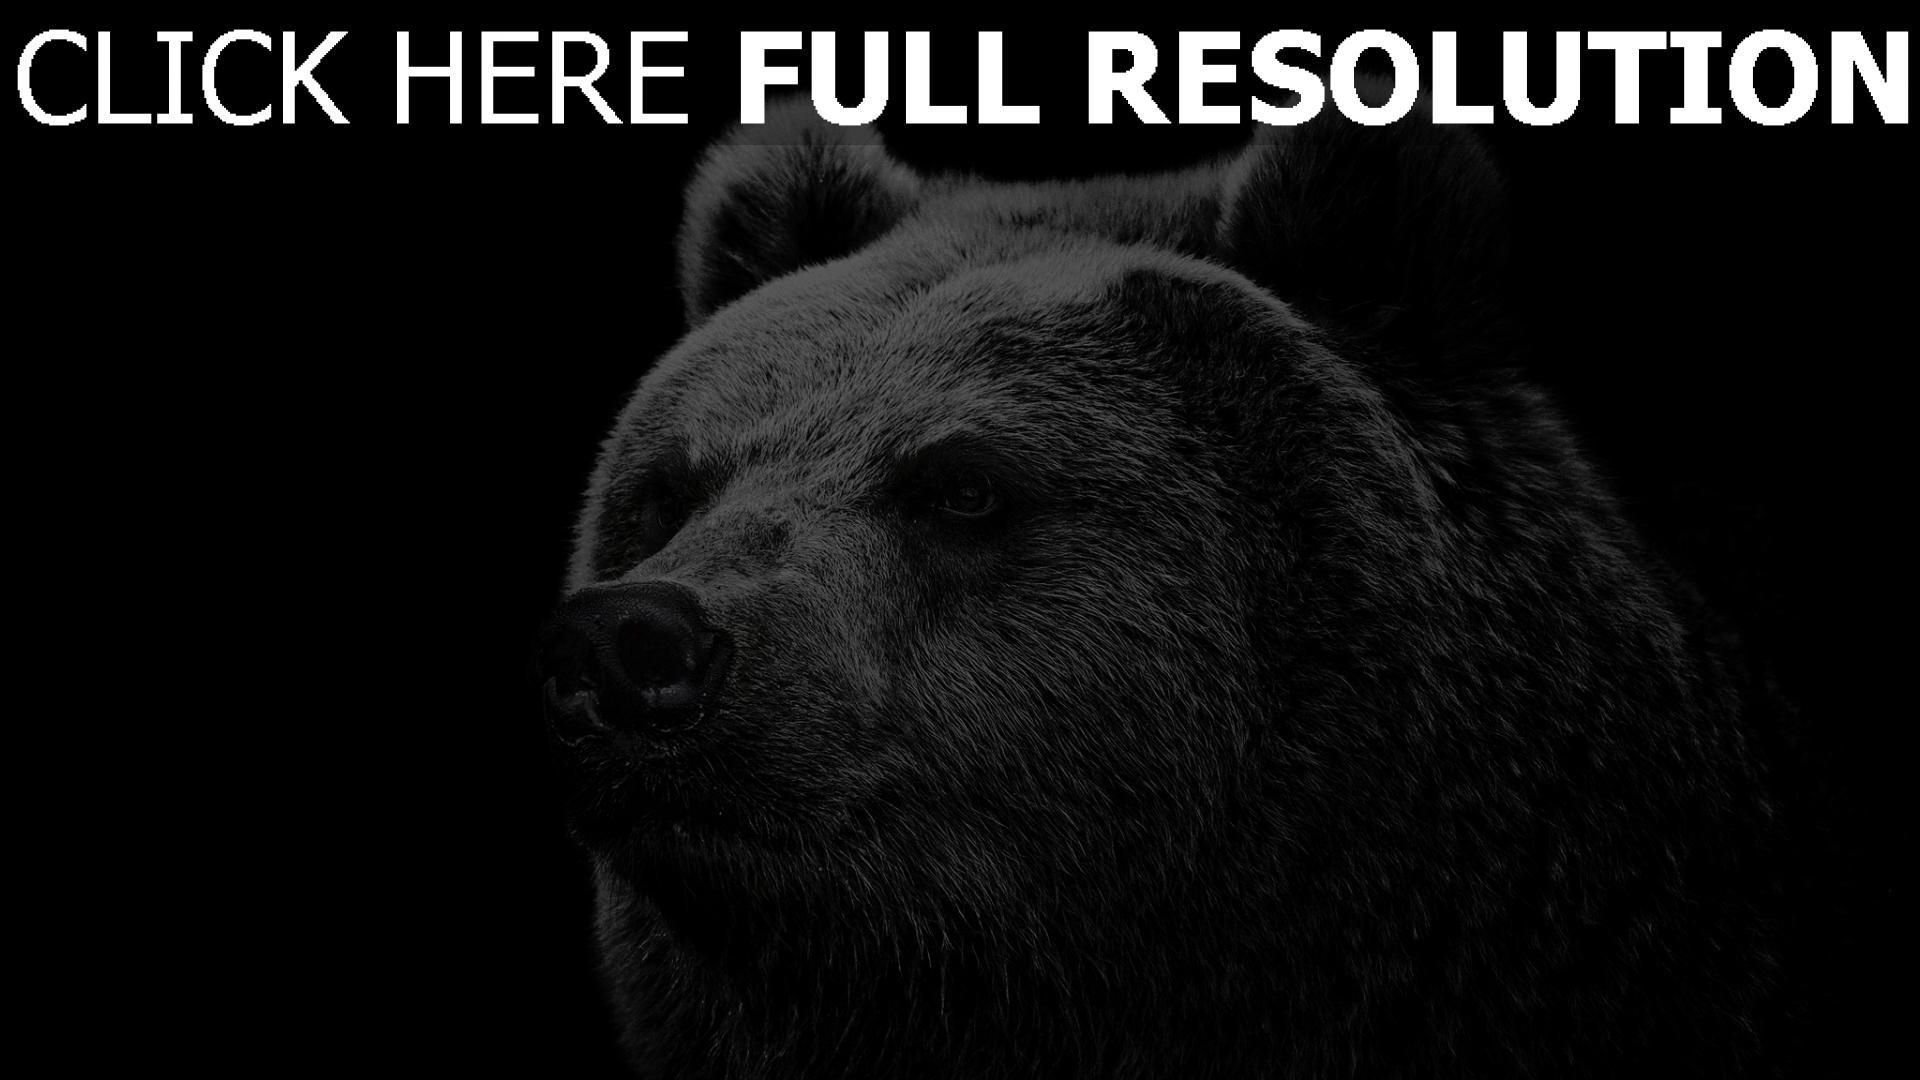 fond d'écran 1920x1080 ours museau gros plan noir et blanc